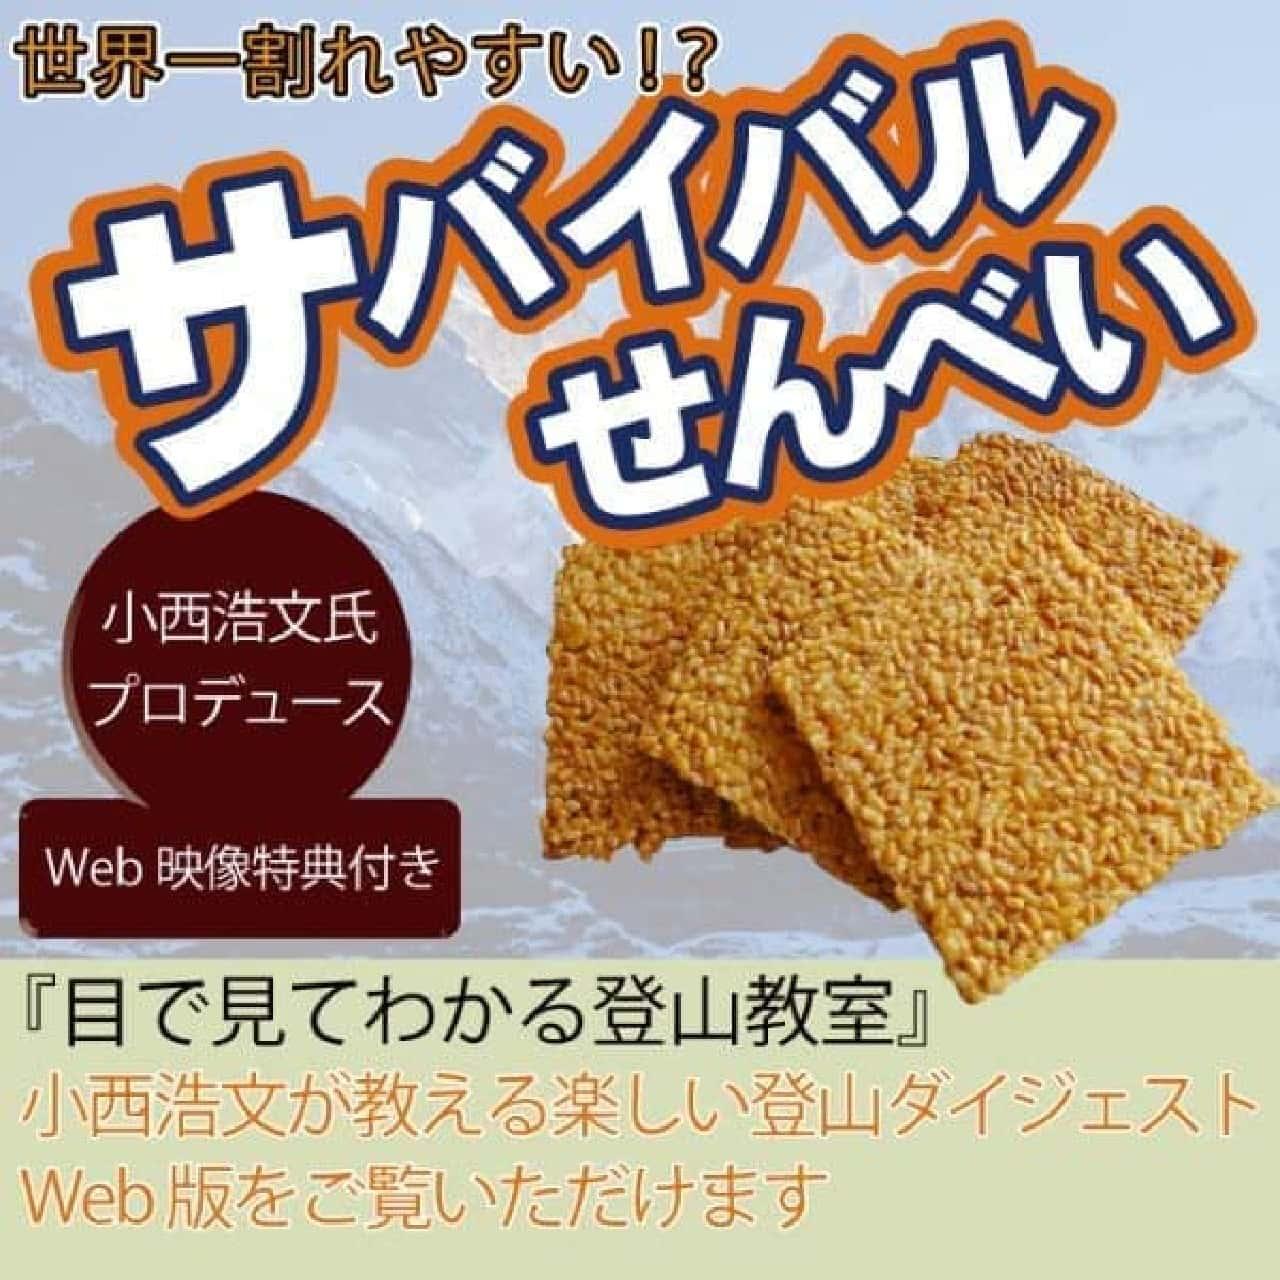 「サバイバルせんべい」―山口県産の米と塩だけで作られた世界一割れやすいせんべい